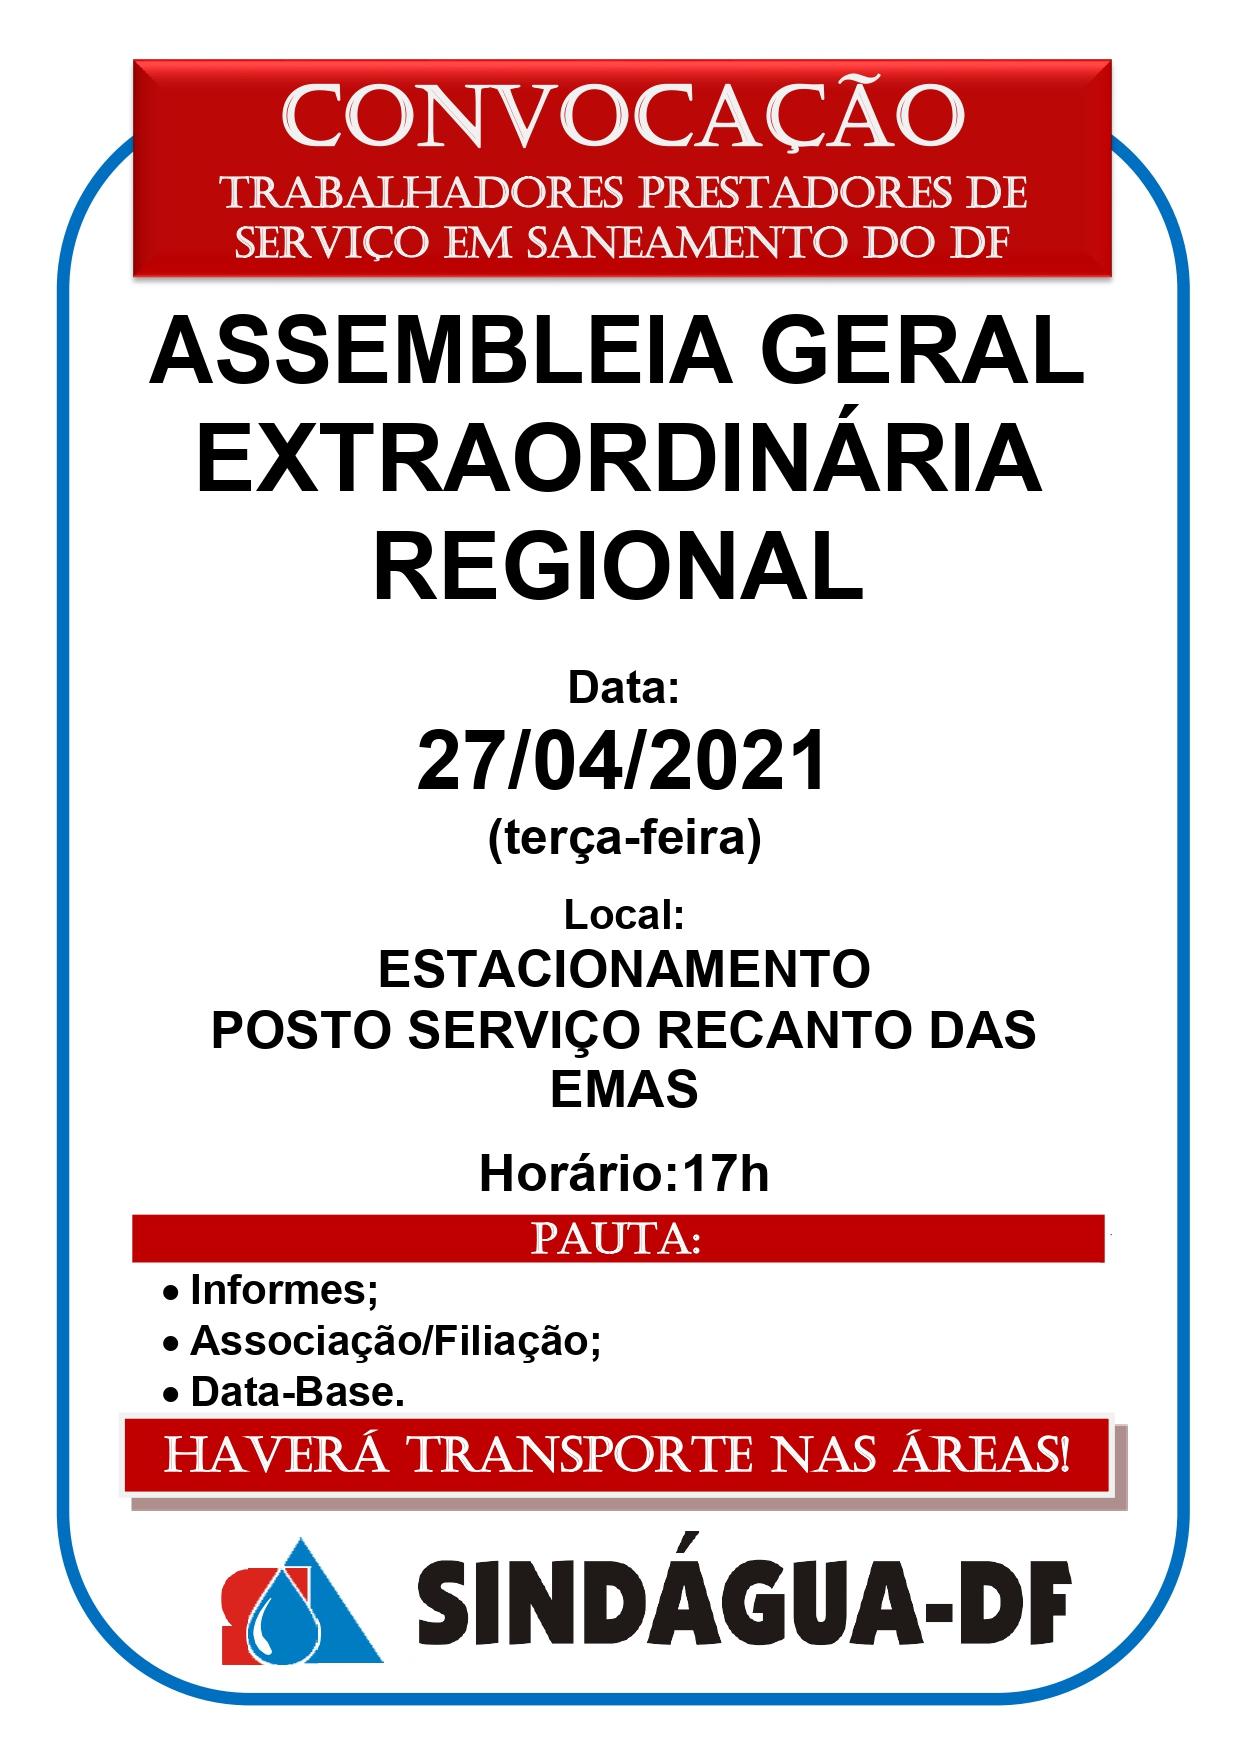 ASSEMBLEIA GERAL EXTRAORDINÁRIA REGIONAL DIA 27/4 (REGIÃO SUL)